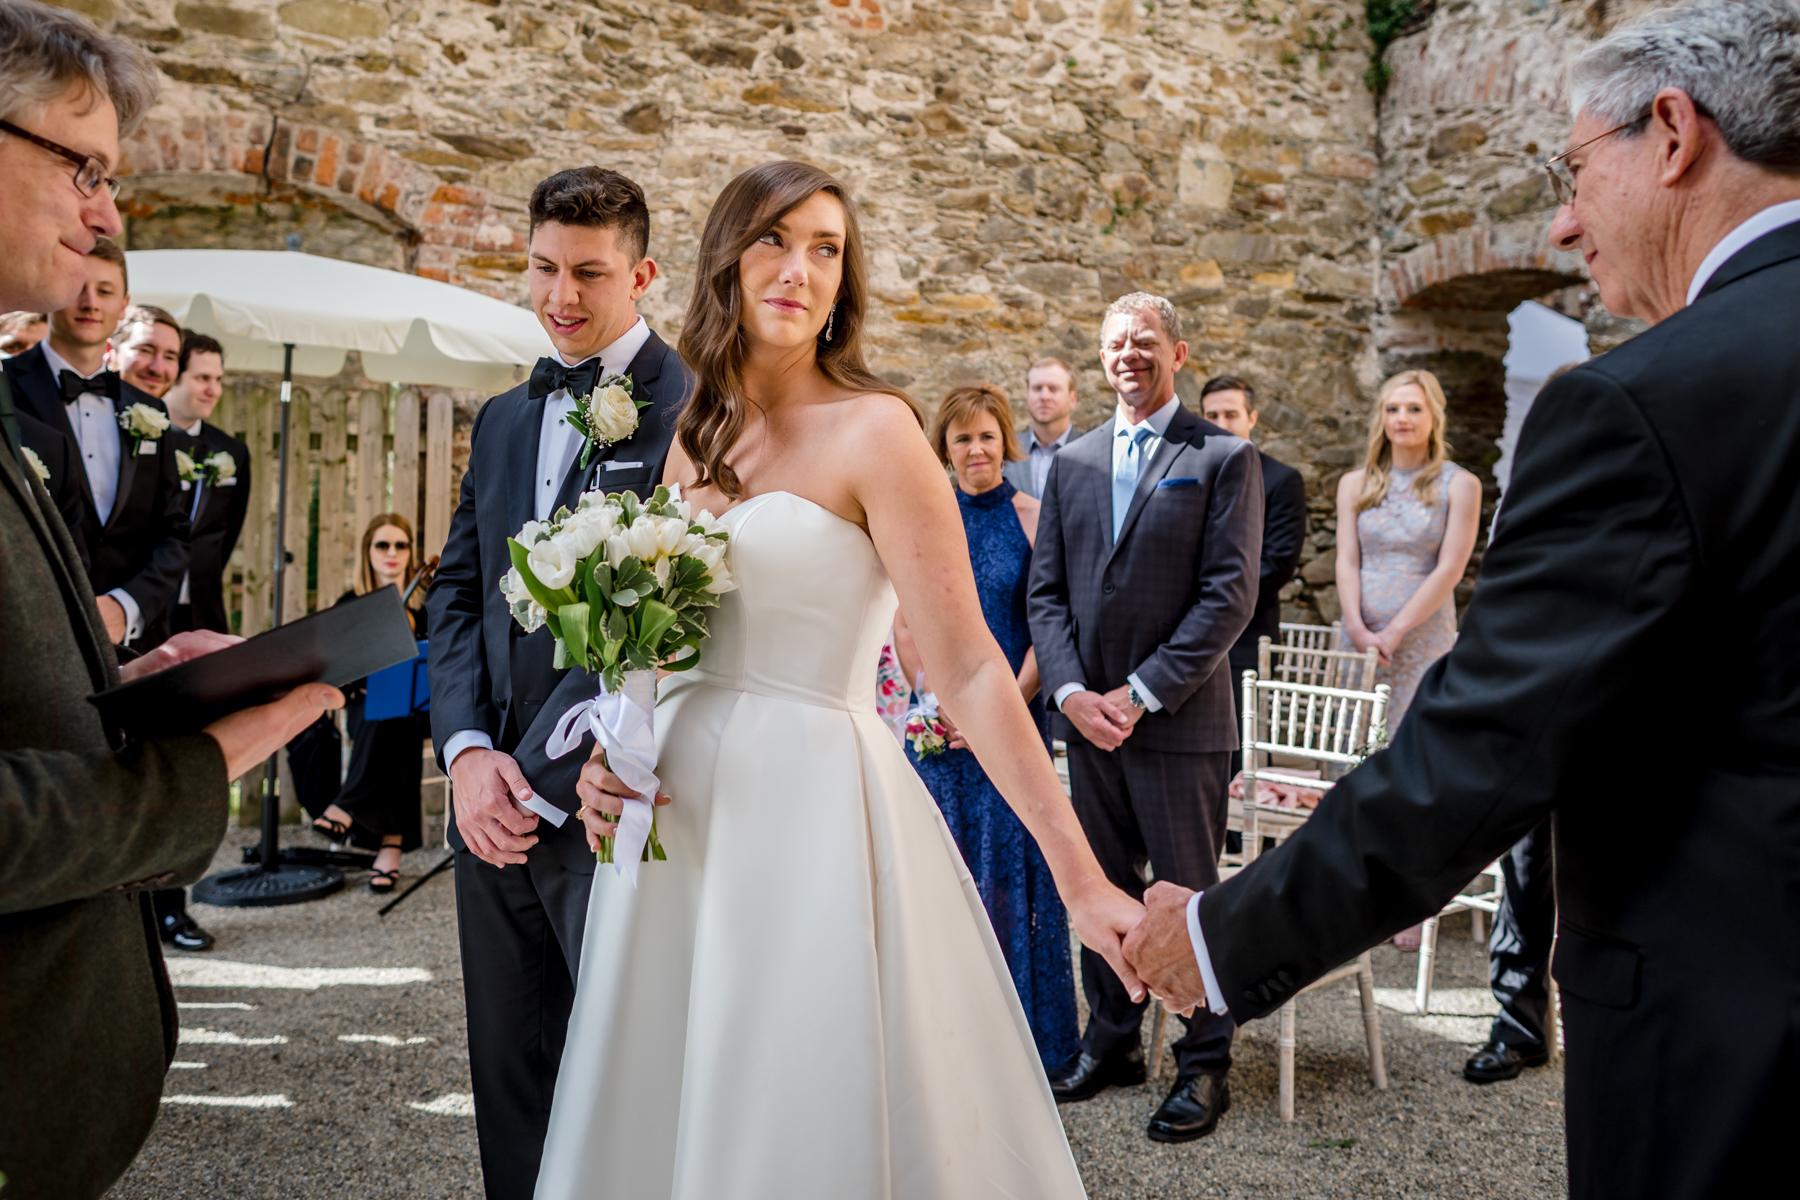 Hochzeitsfotografie von Eltern - Zeremonienbild, welches die Übergabe durch den Vater der Braut an den Bräutigam zeigt